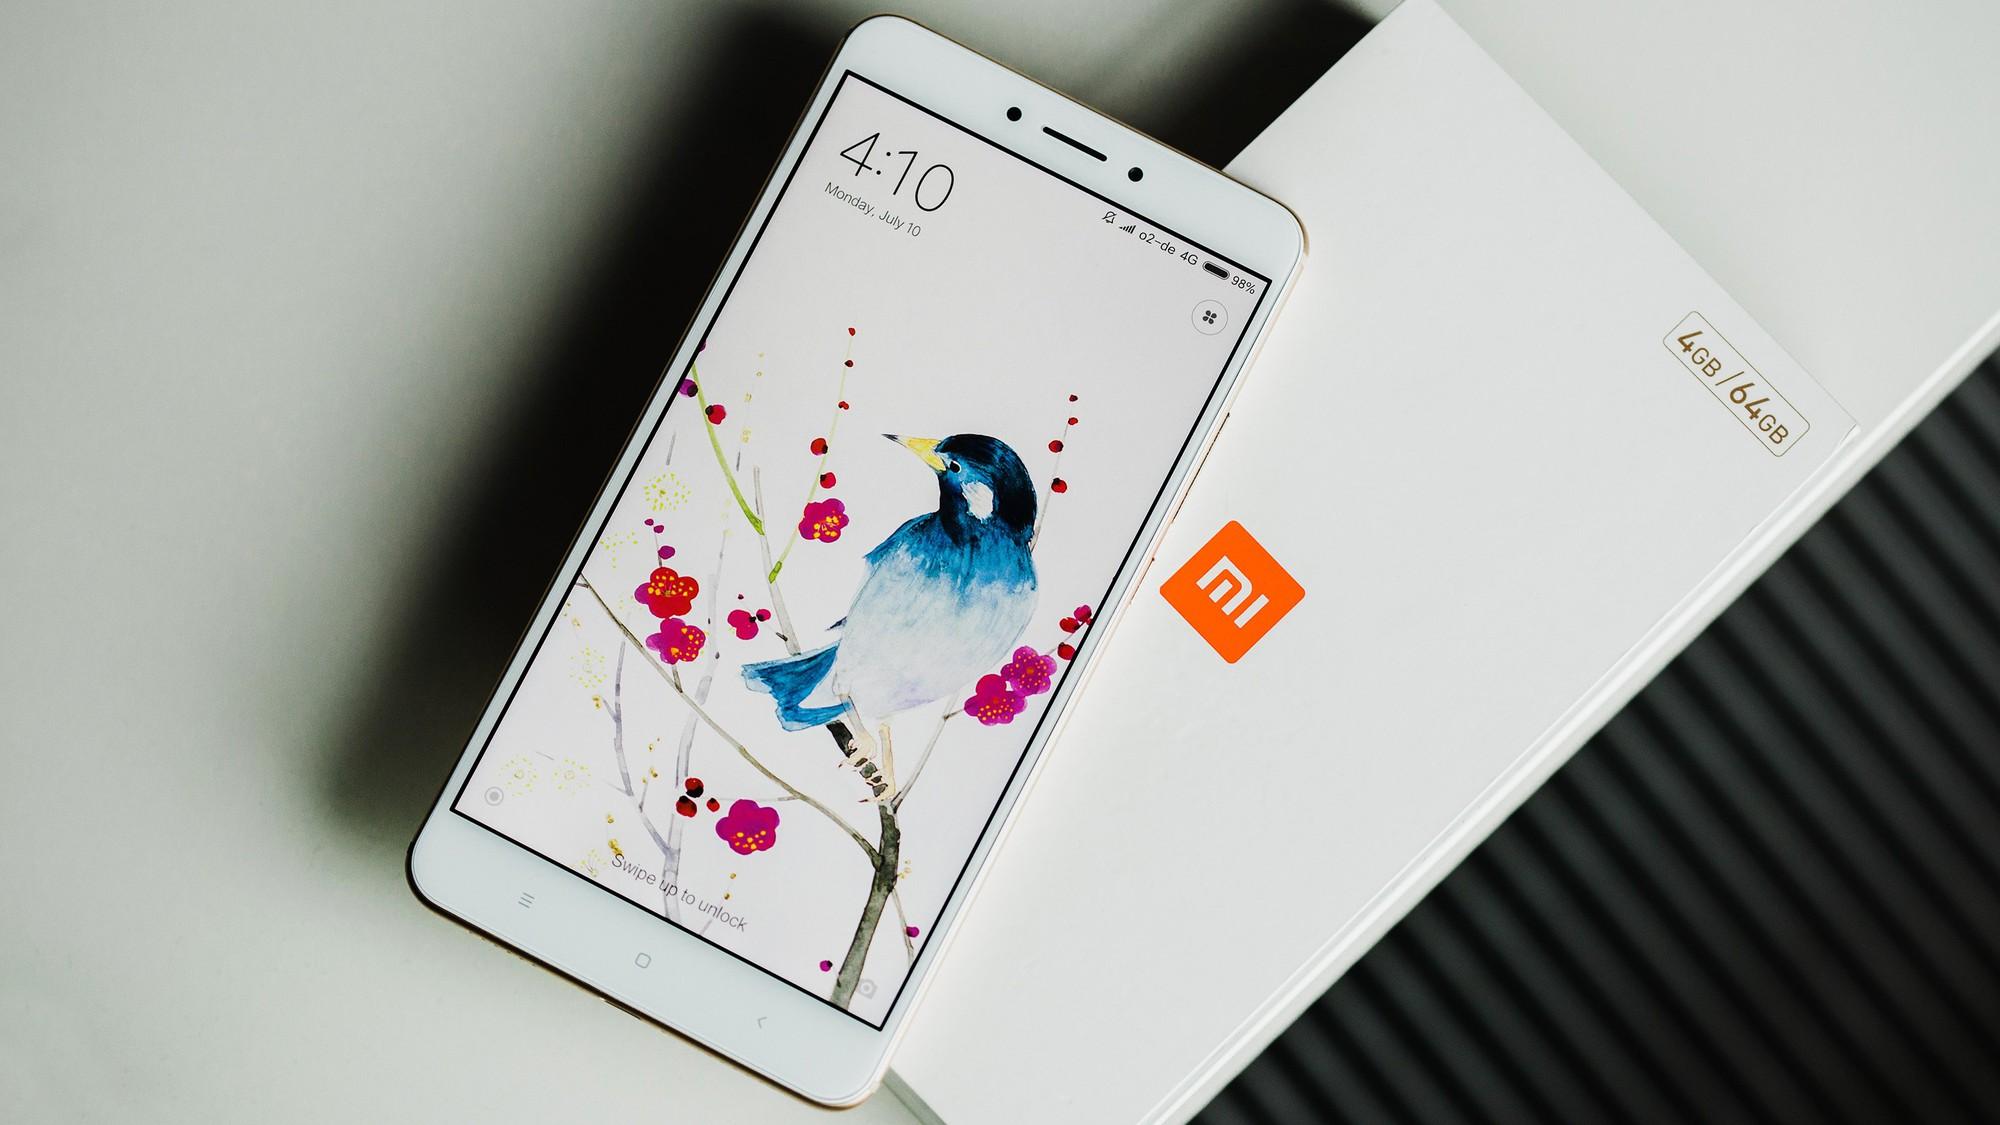 Đây là 9 chiếc smartphone đáng mua nhất trong tháng 4 theo từng phân khúc - Ảnh 8.